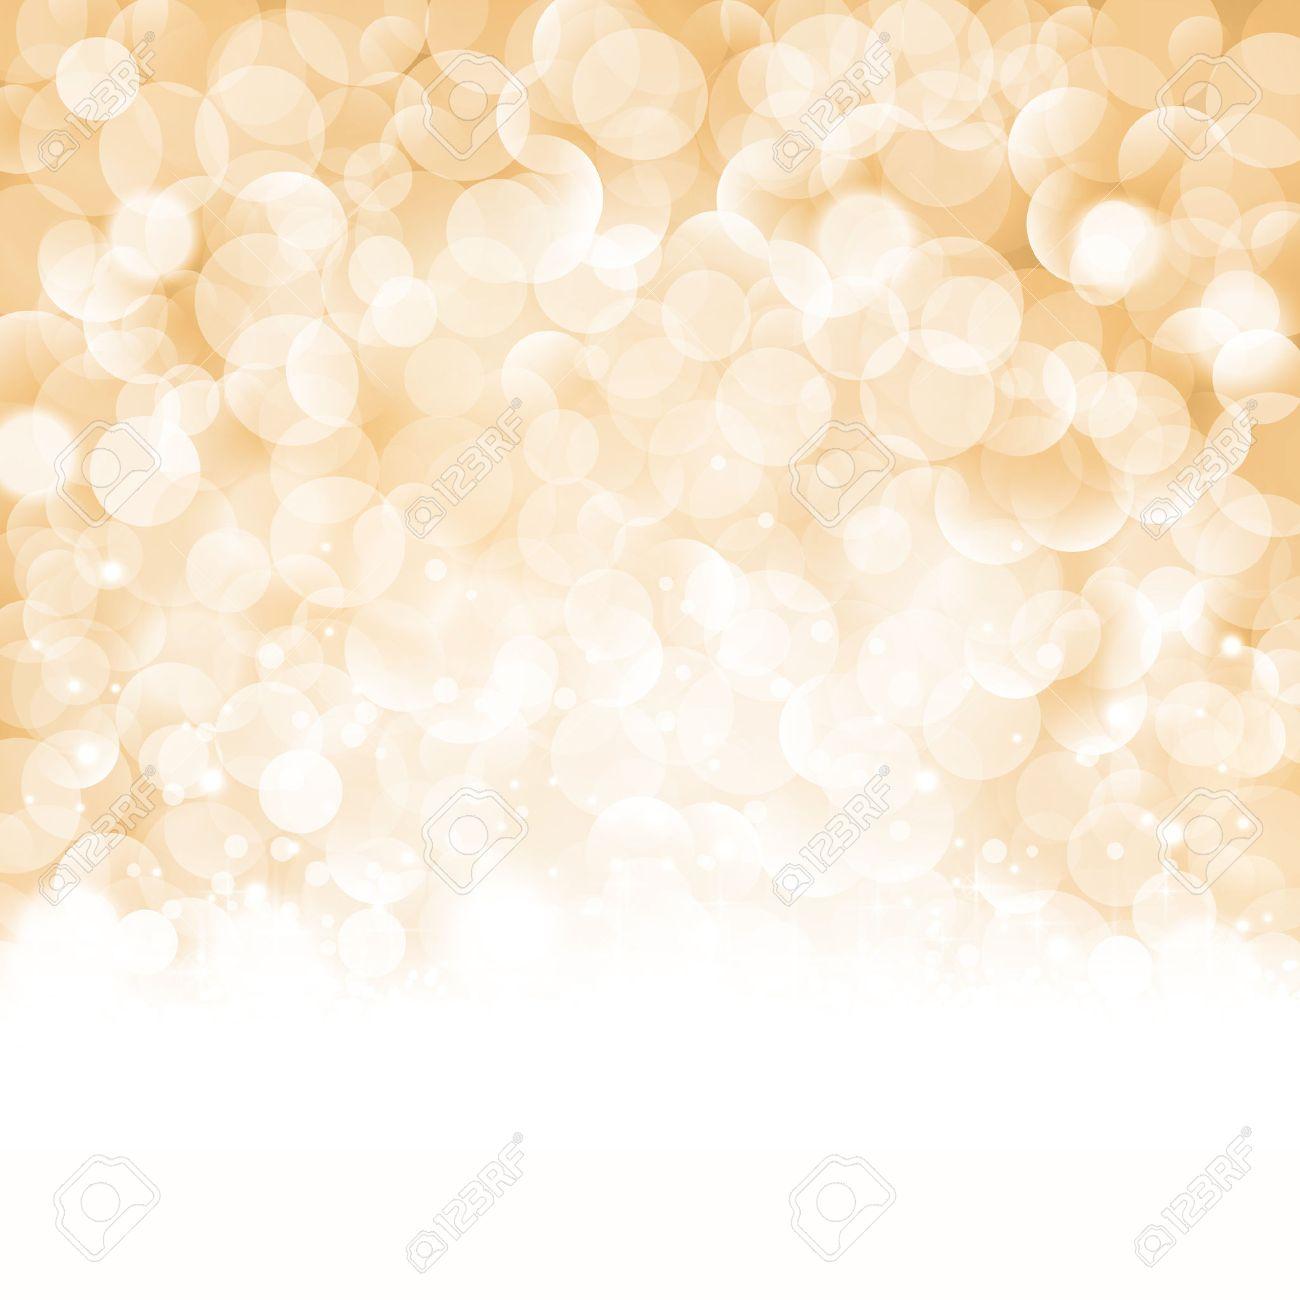 Sfondi Natalizi Oro.Sfondo Natale Con Effetti Di Luce E Punti Luce Sfocate Nei Toni Del Beige Oro E Nero Centrato E Una Etichetta Con La Scritta Buon Natale E Felice